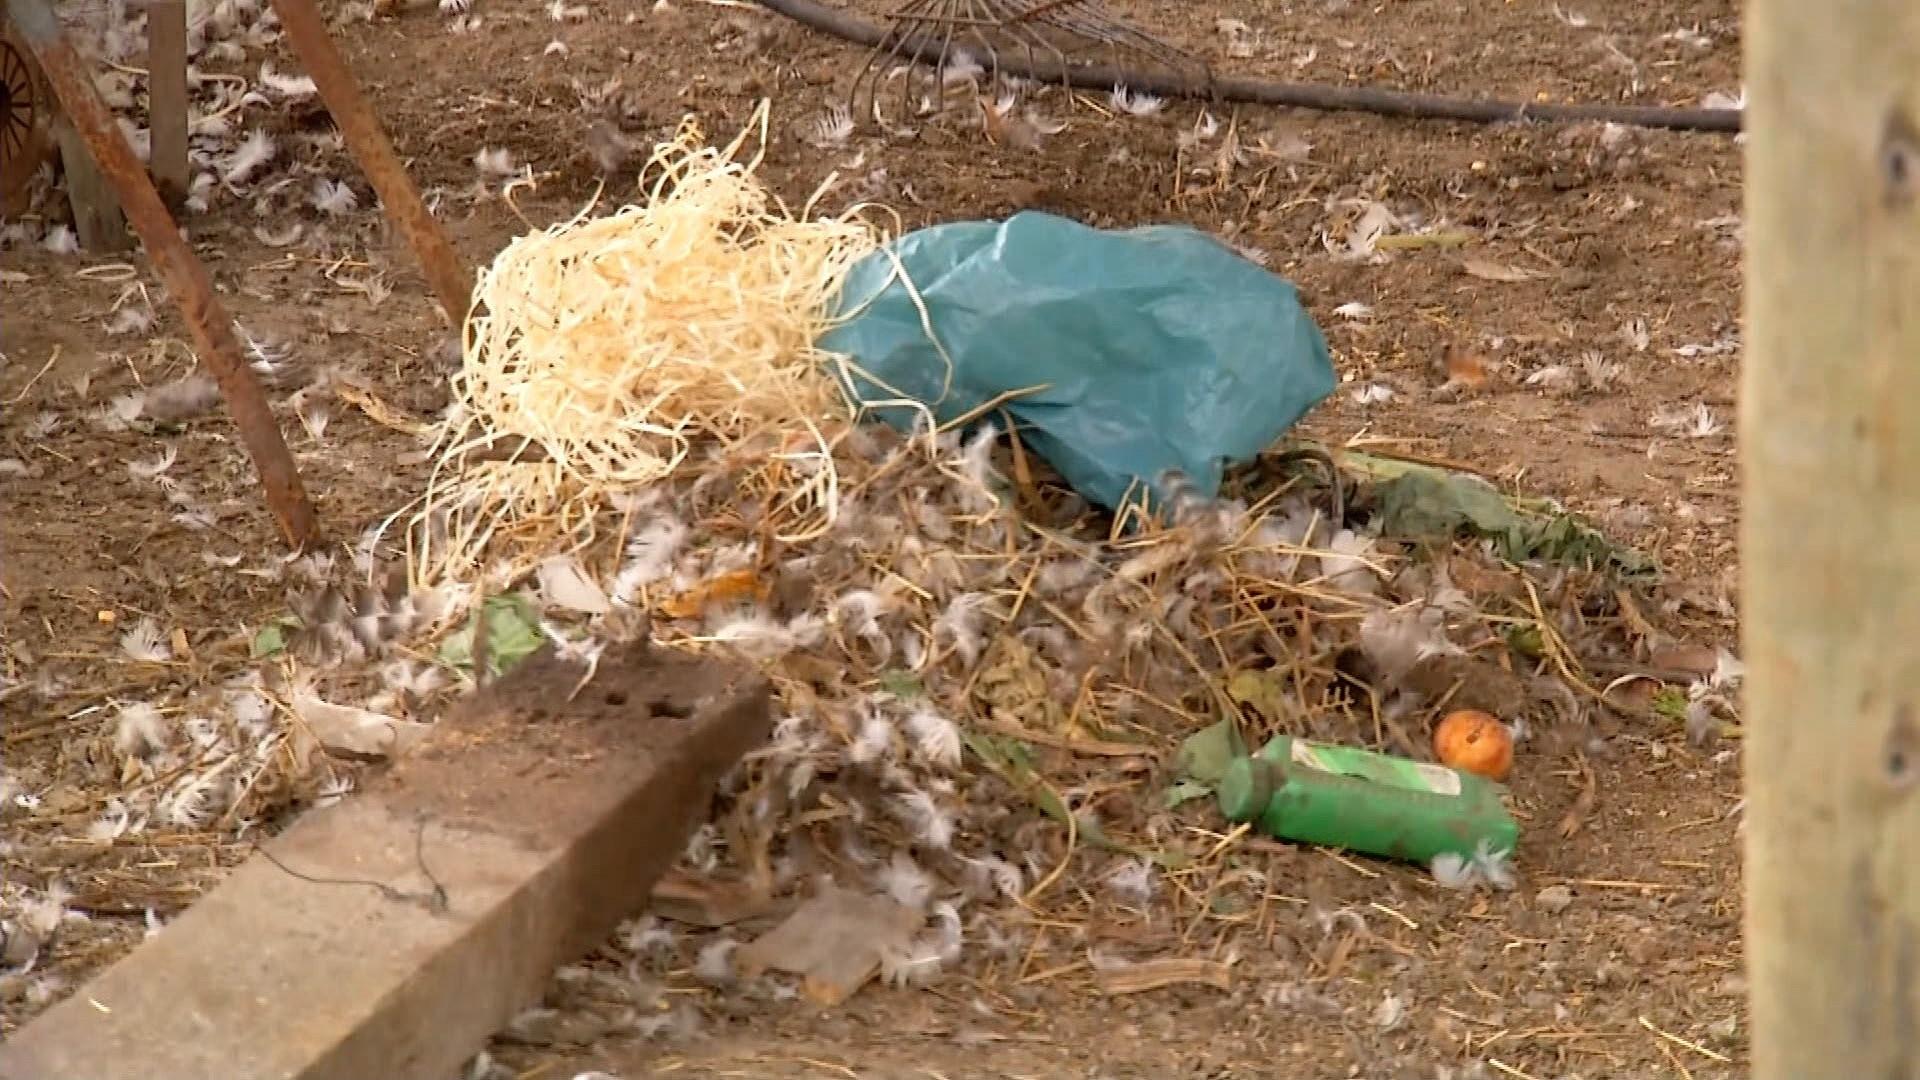 Animais aparecem mortos em sítio e deixam proprietários intrigados em Nova Friburgo, no RJ - Notícias - Plantão Diário